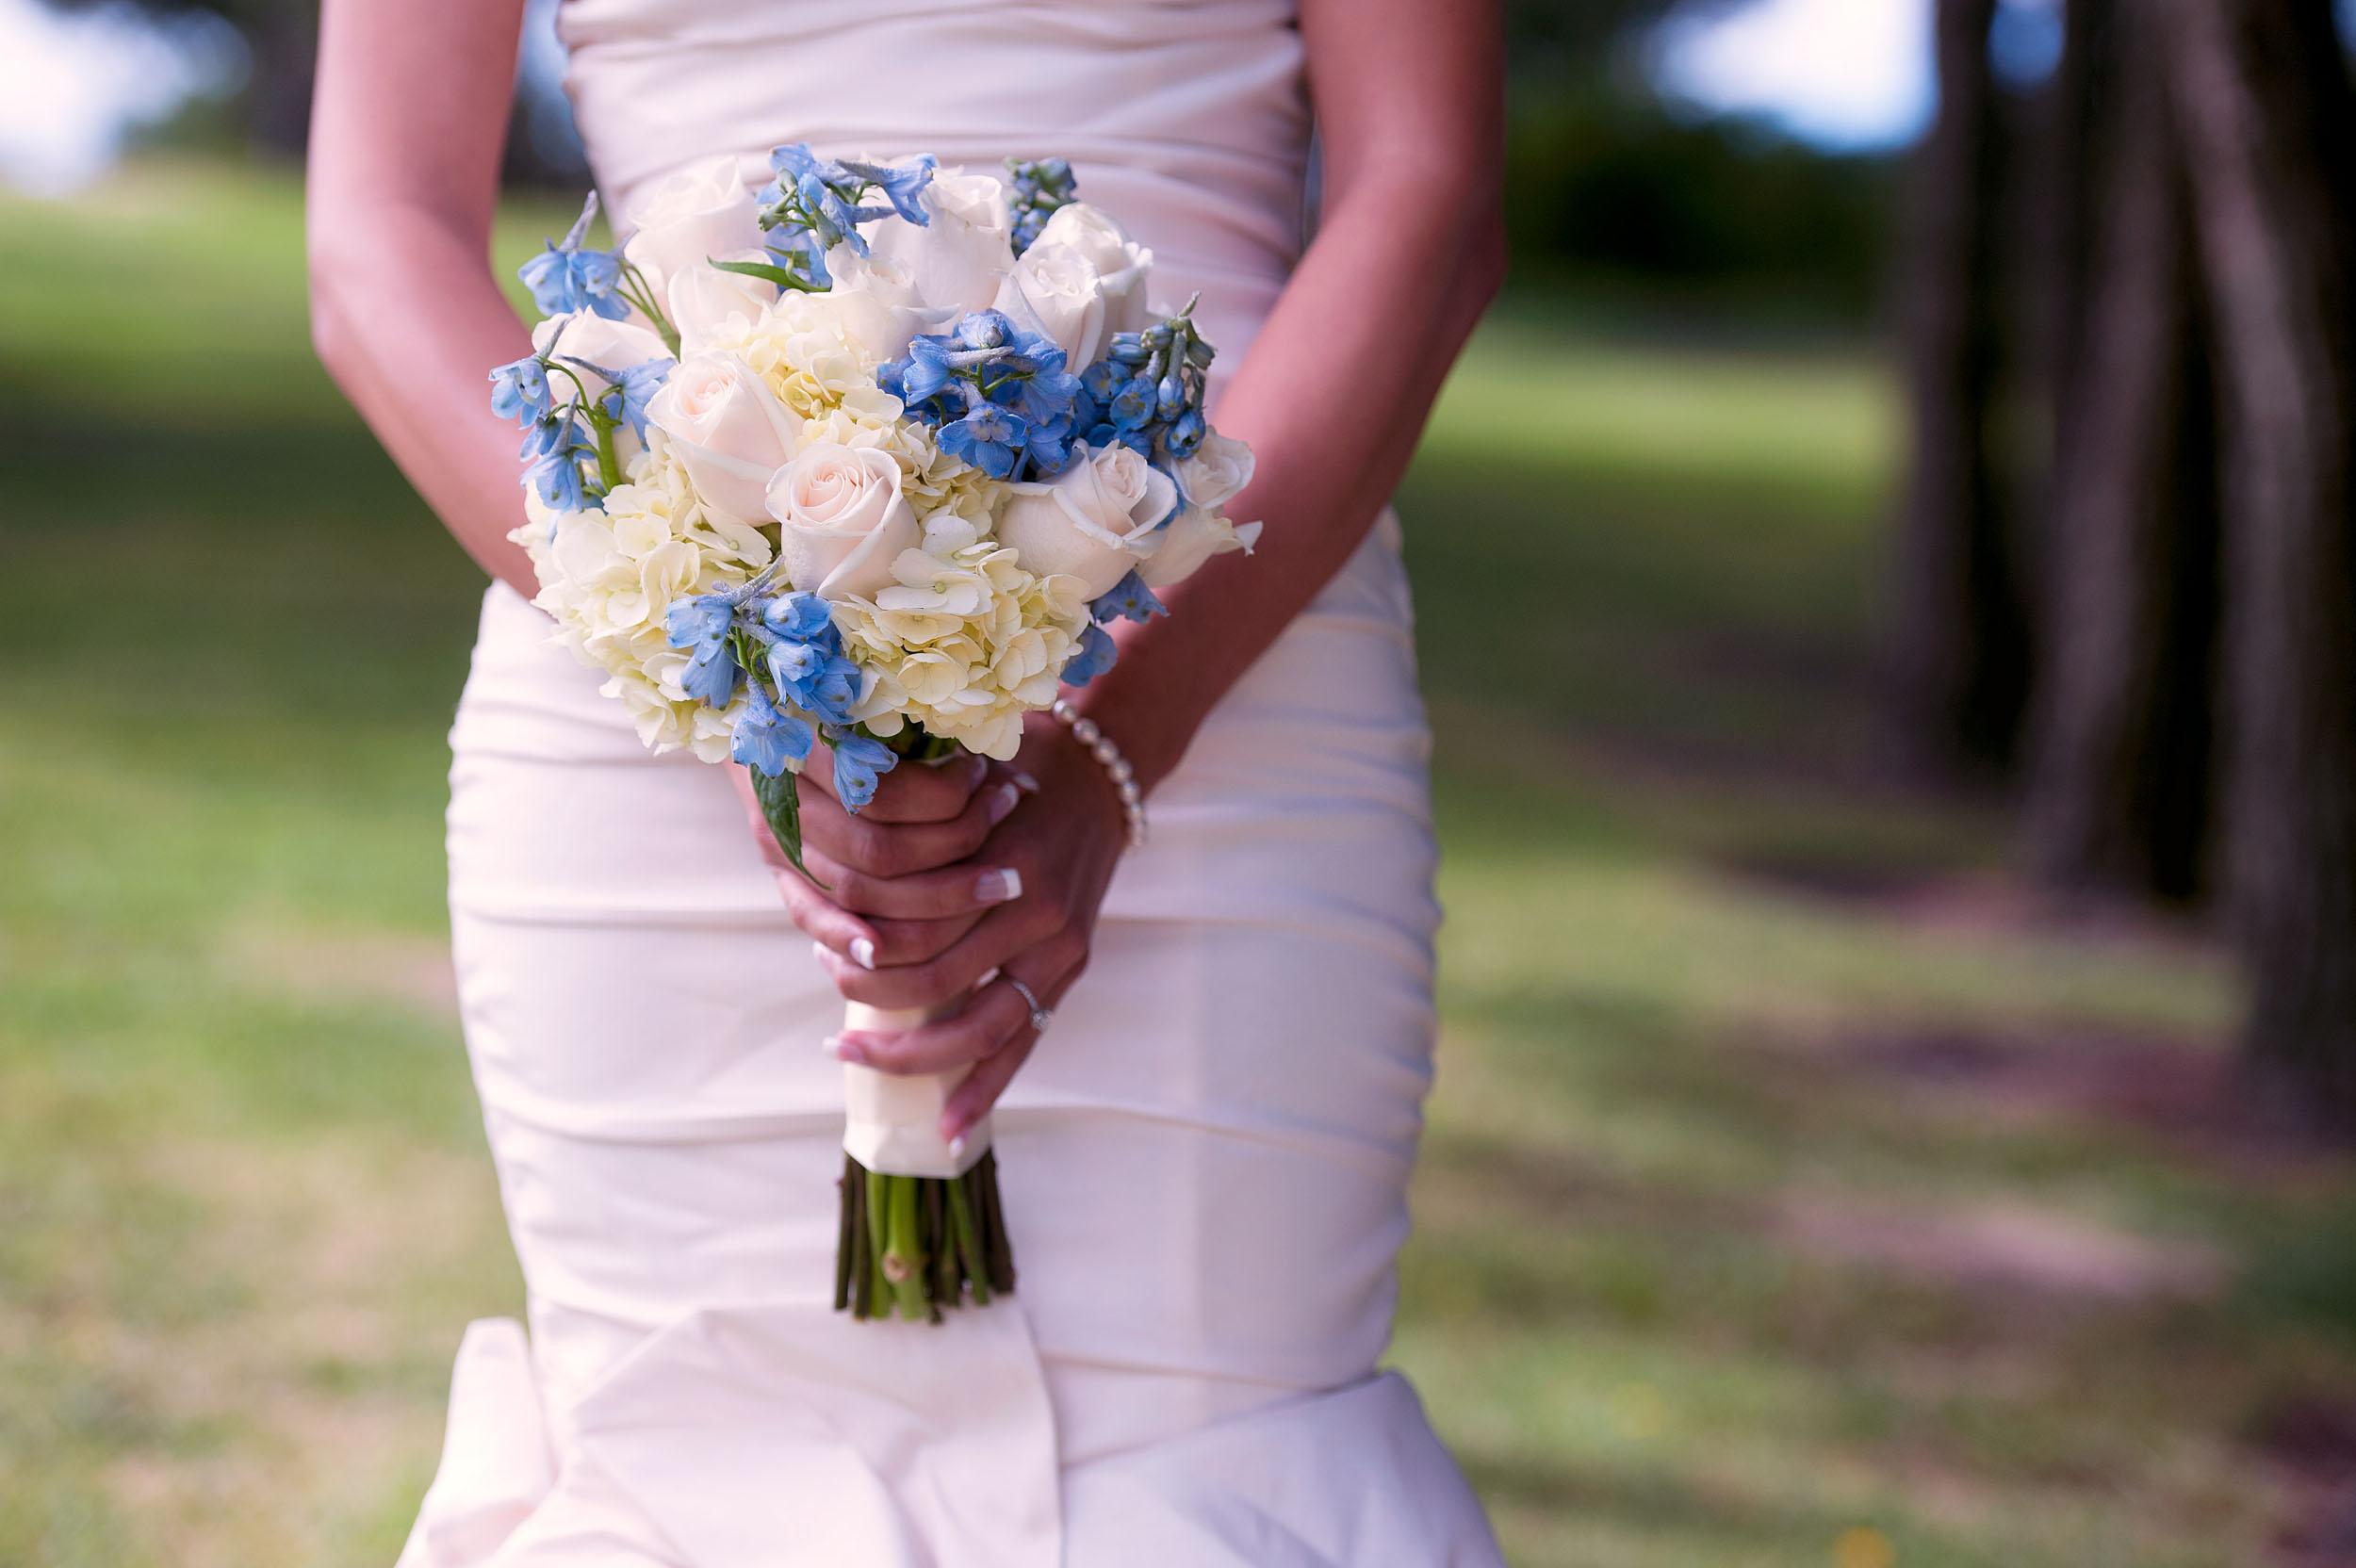 Bride with bouquet at Del Cerro Park in Rancho Palos Verdes.